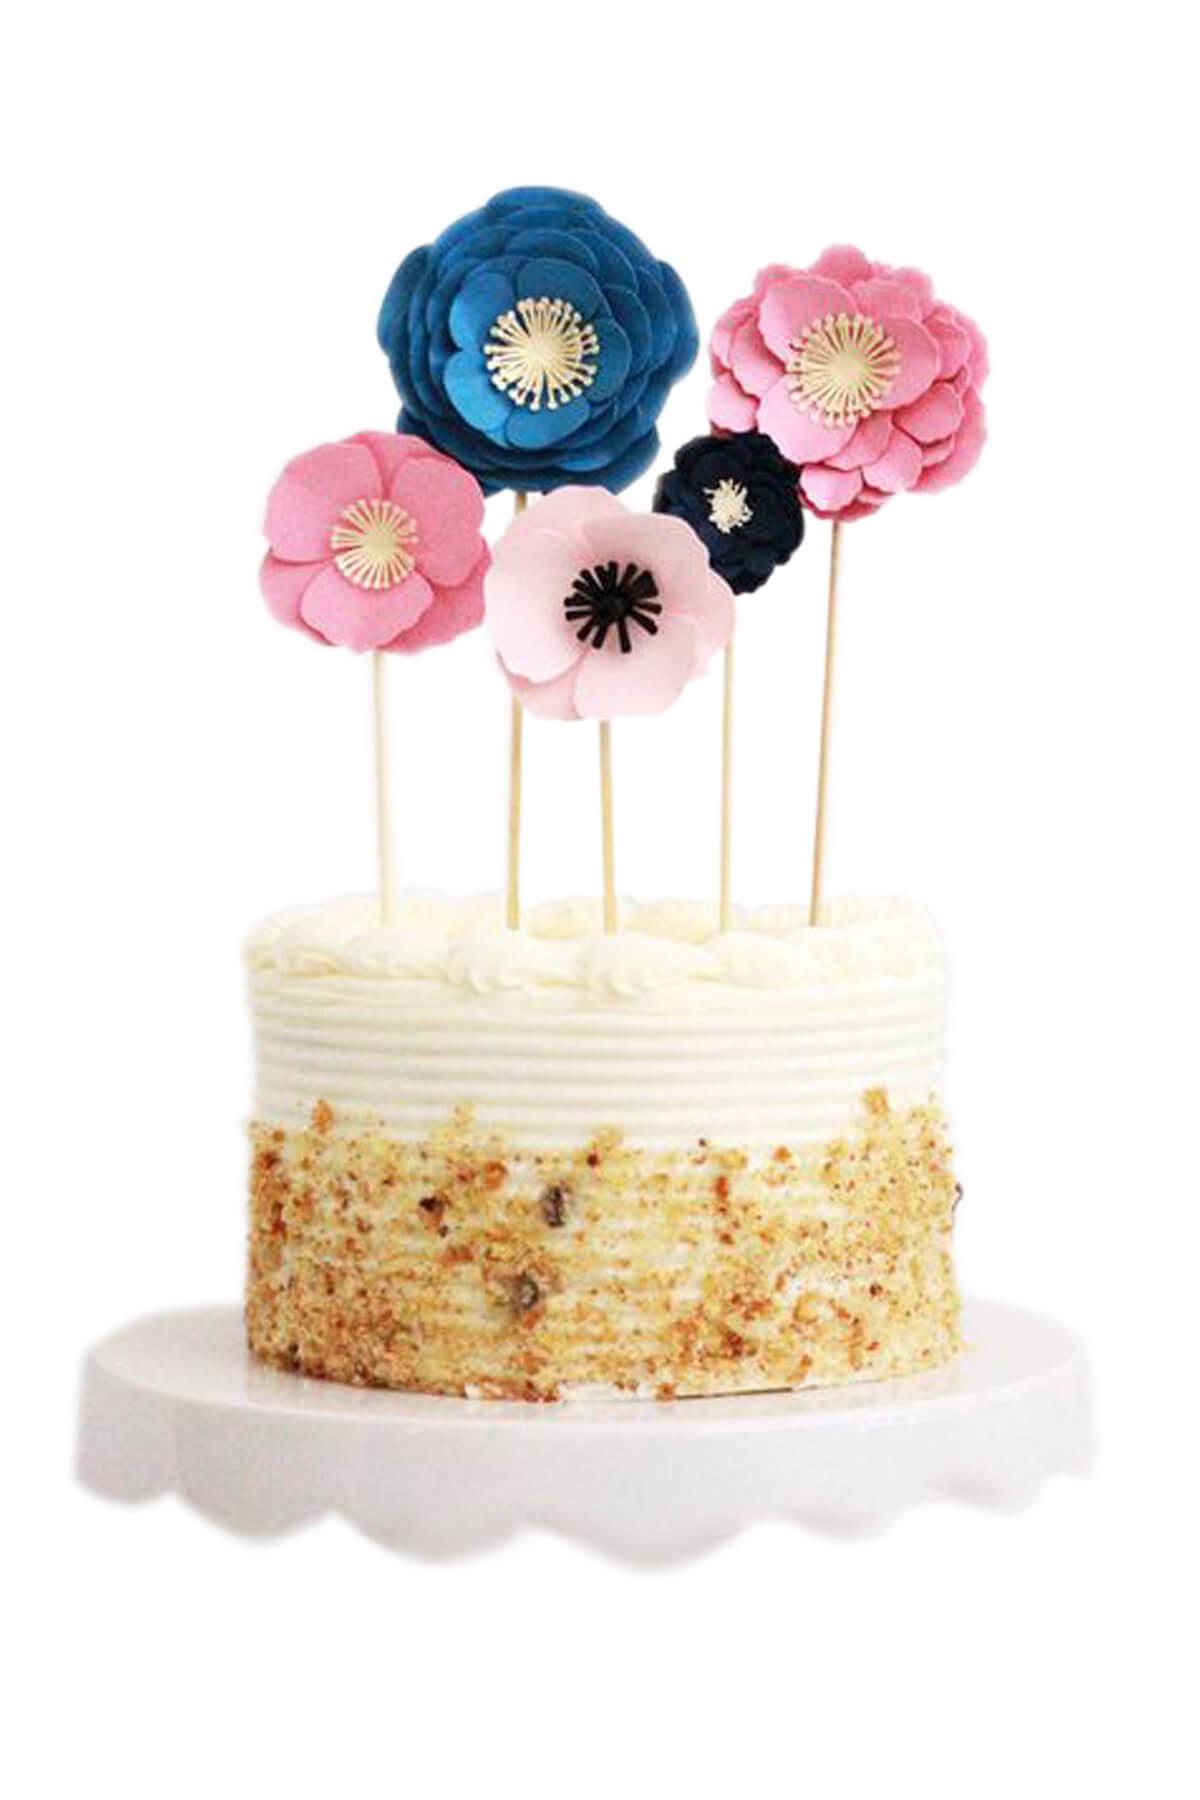 Bánh kem cắm hoa mẫu đơn tạo hình từ fondant đẹp dịu dàng, tinh tế